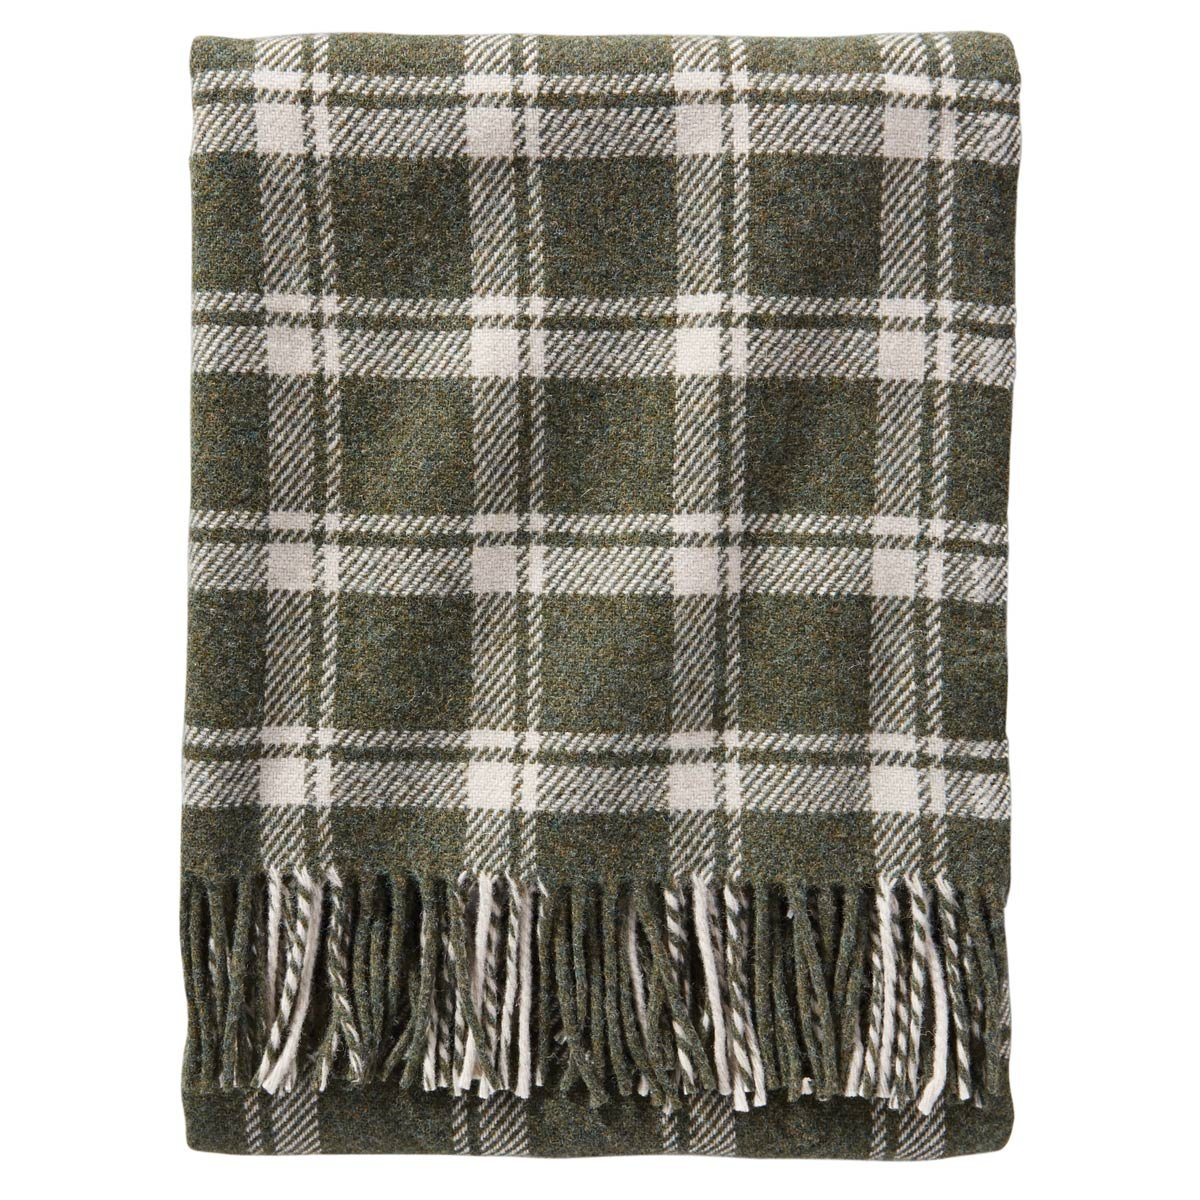 Amazon.com  Pendleton Eco-Wise Washable Wool Fringed Throw Blanket ... a26948850